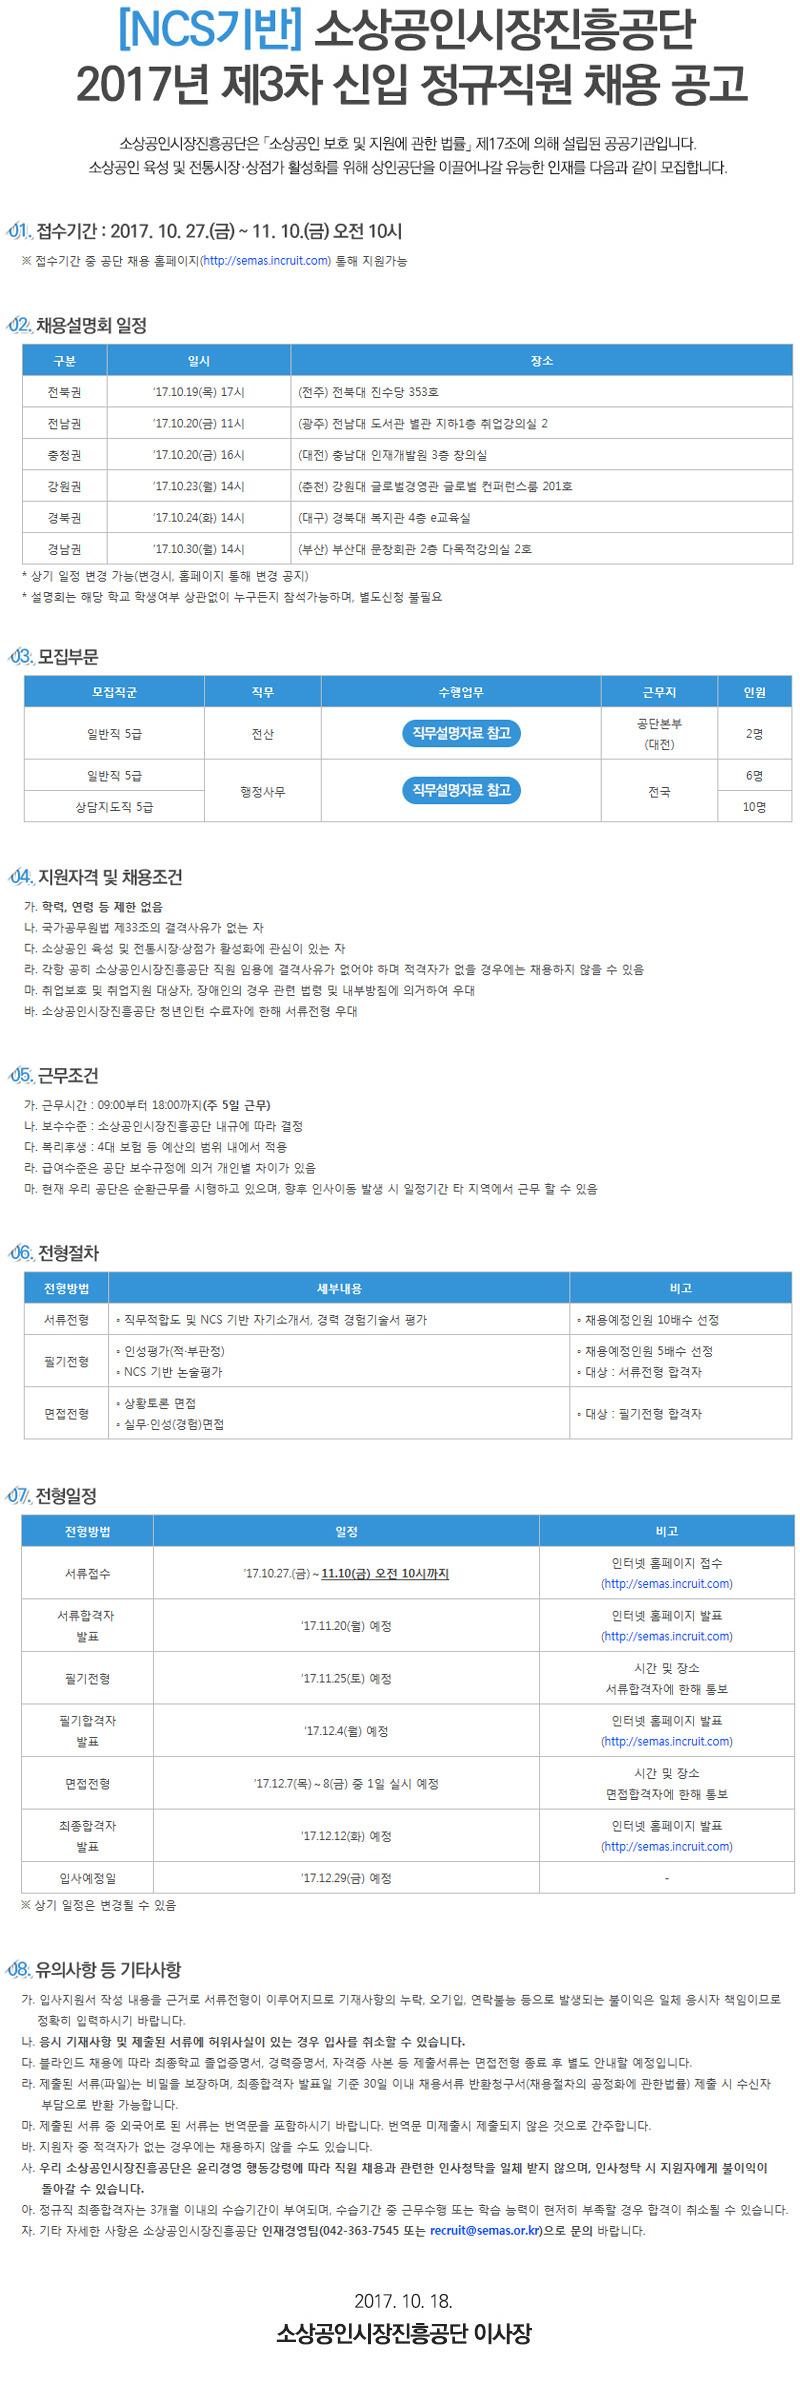 2017 제3차 소상공인시장진흥공단 신입 정규직원 채용 공고[NCS기반](~11.10)